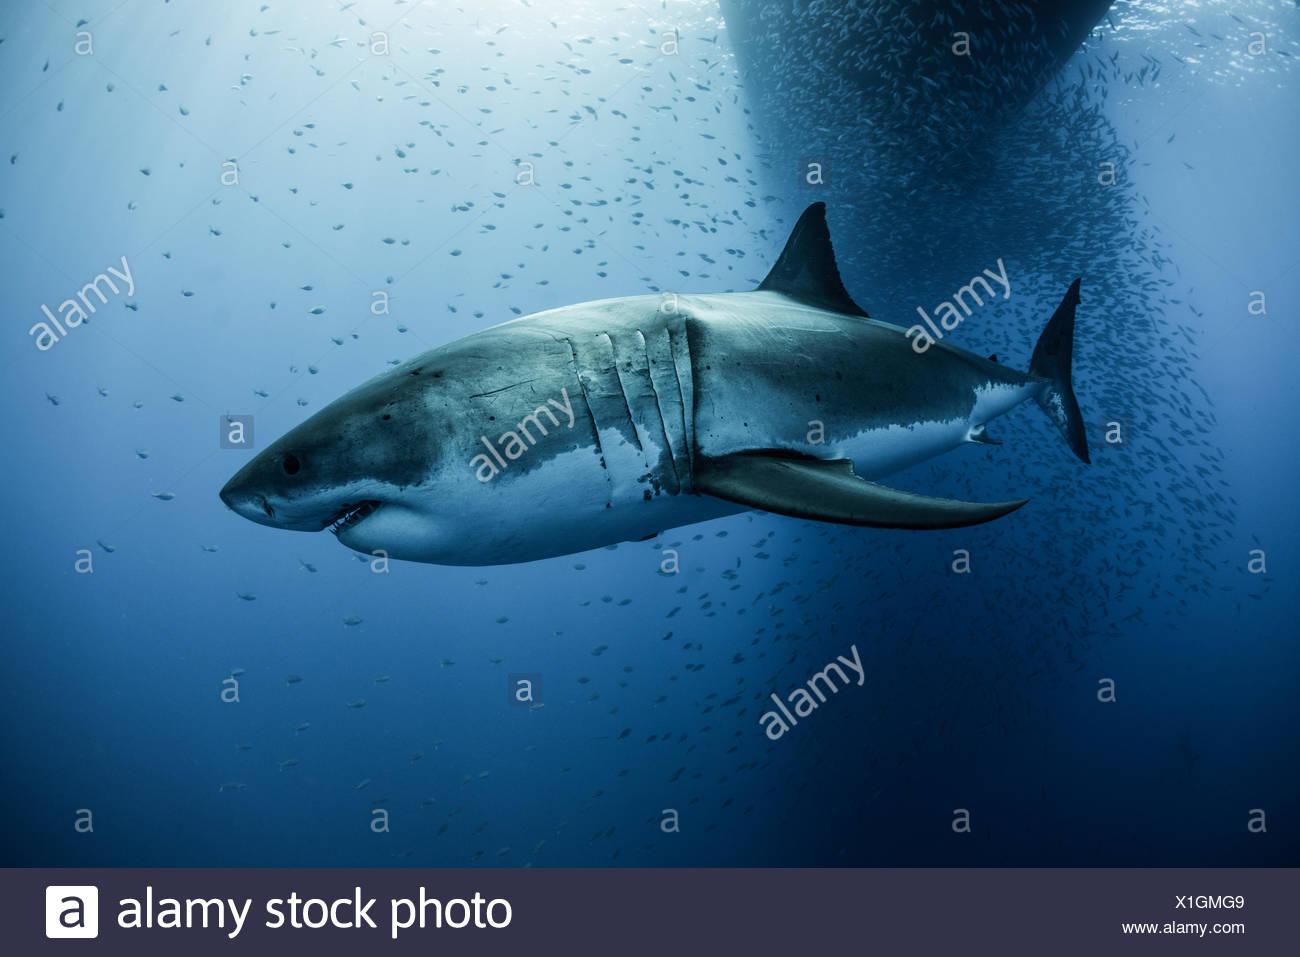 great white shark carcharodon megalodon swimming under